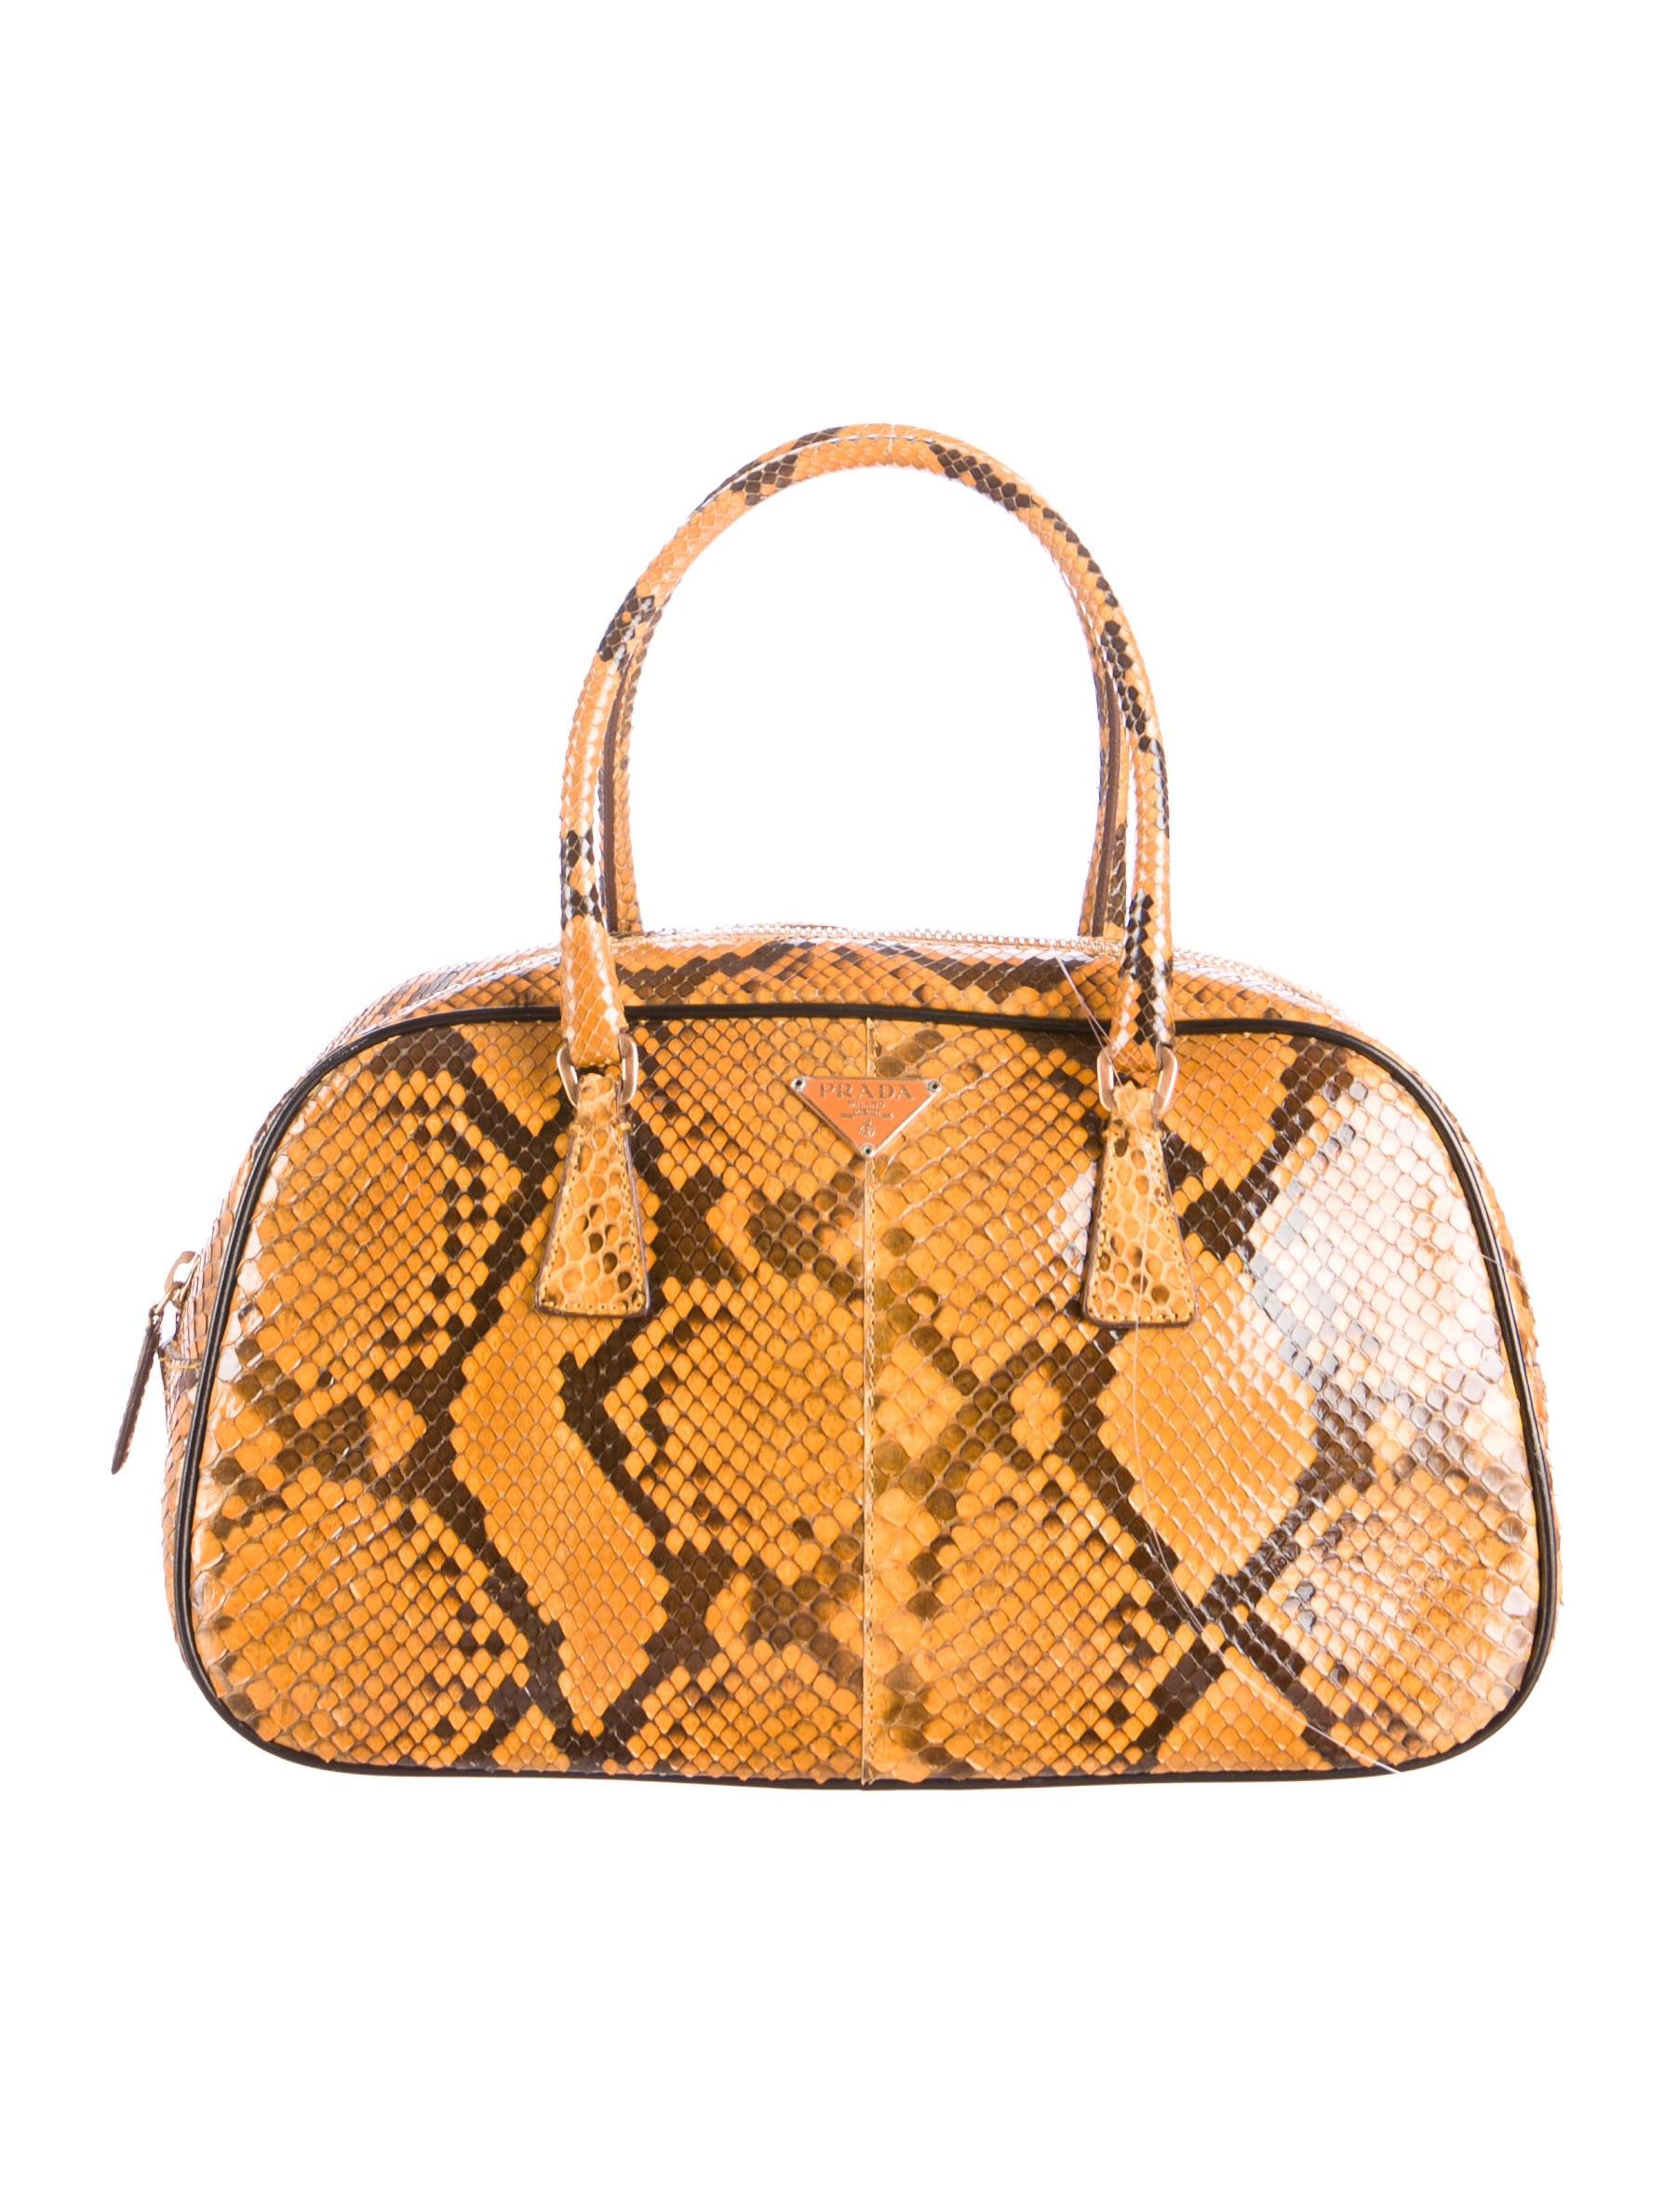 ffaf403fd854 Prada Python Bauletto Bag - Handbags - PRA91208   The RealReal